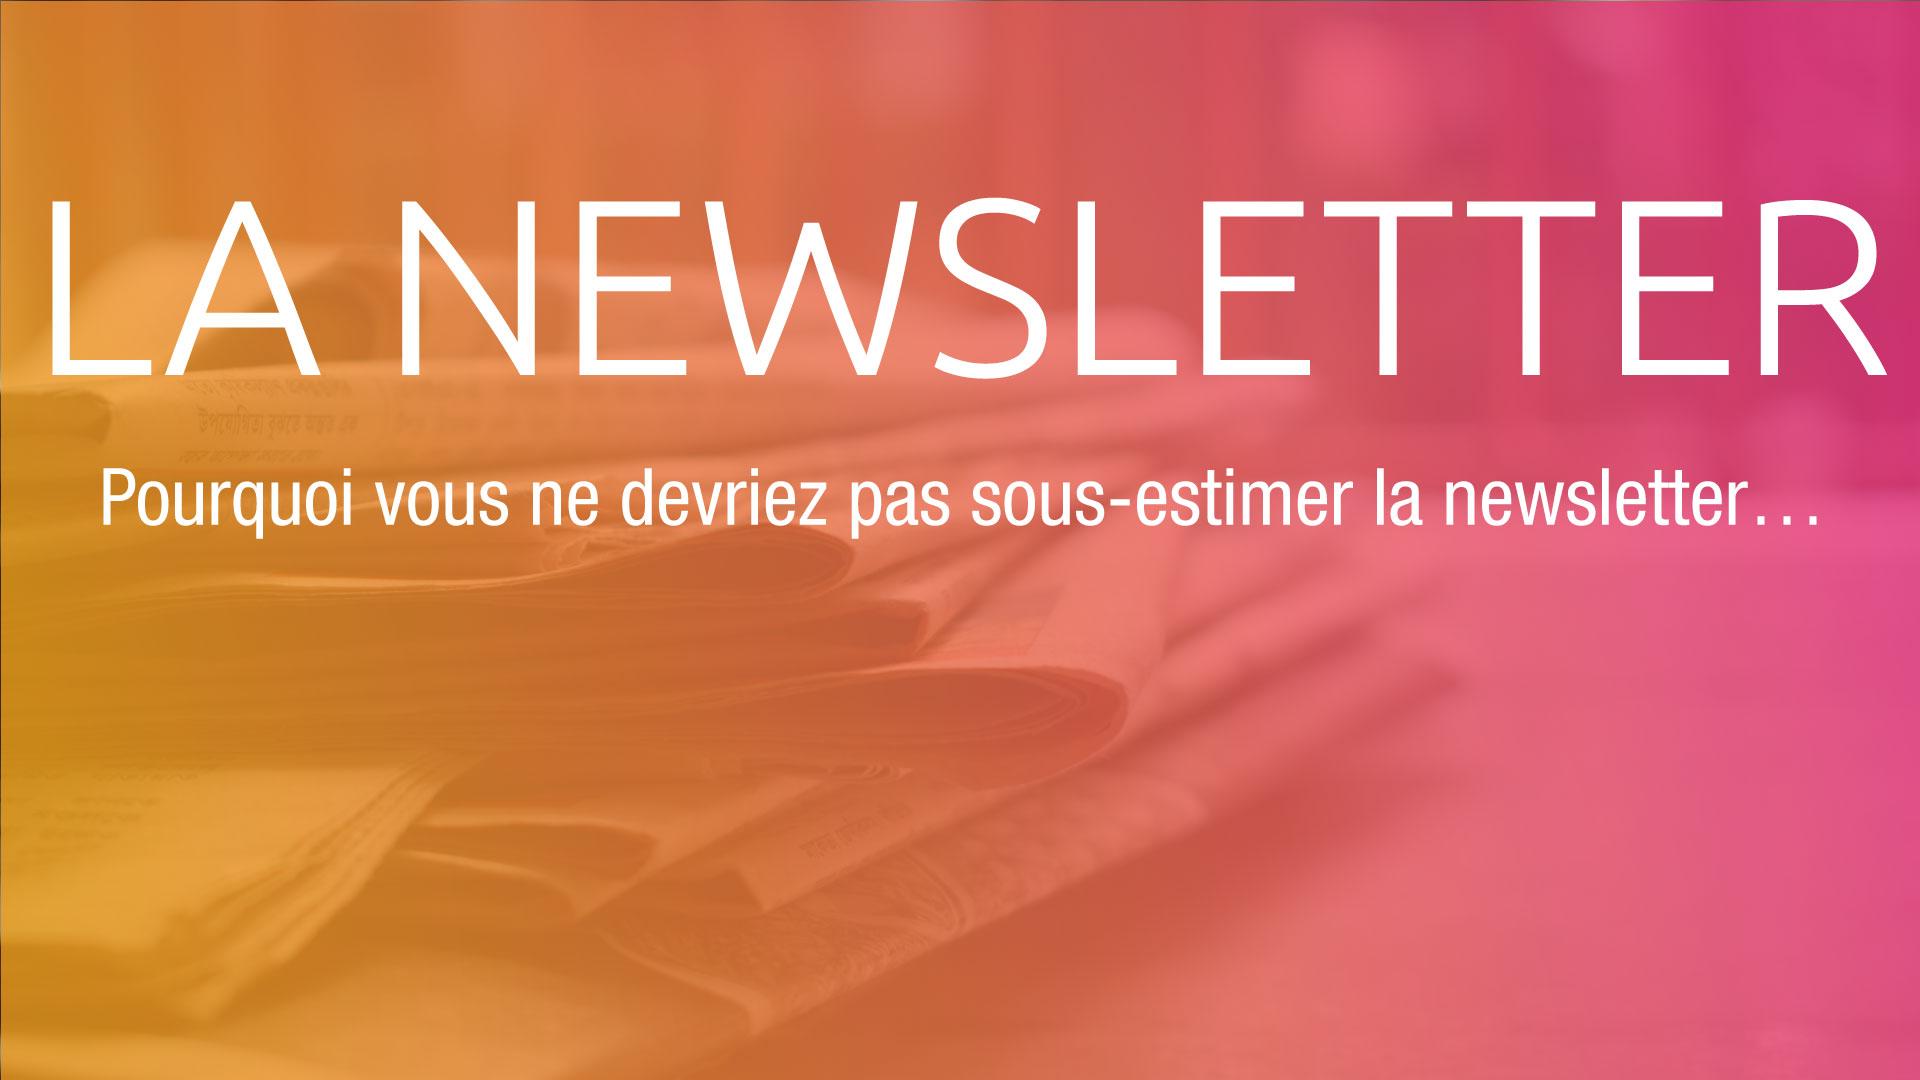 newsletter- plus2sens - relations publics - relations presses - éditorial - lyon